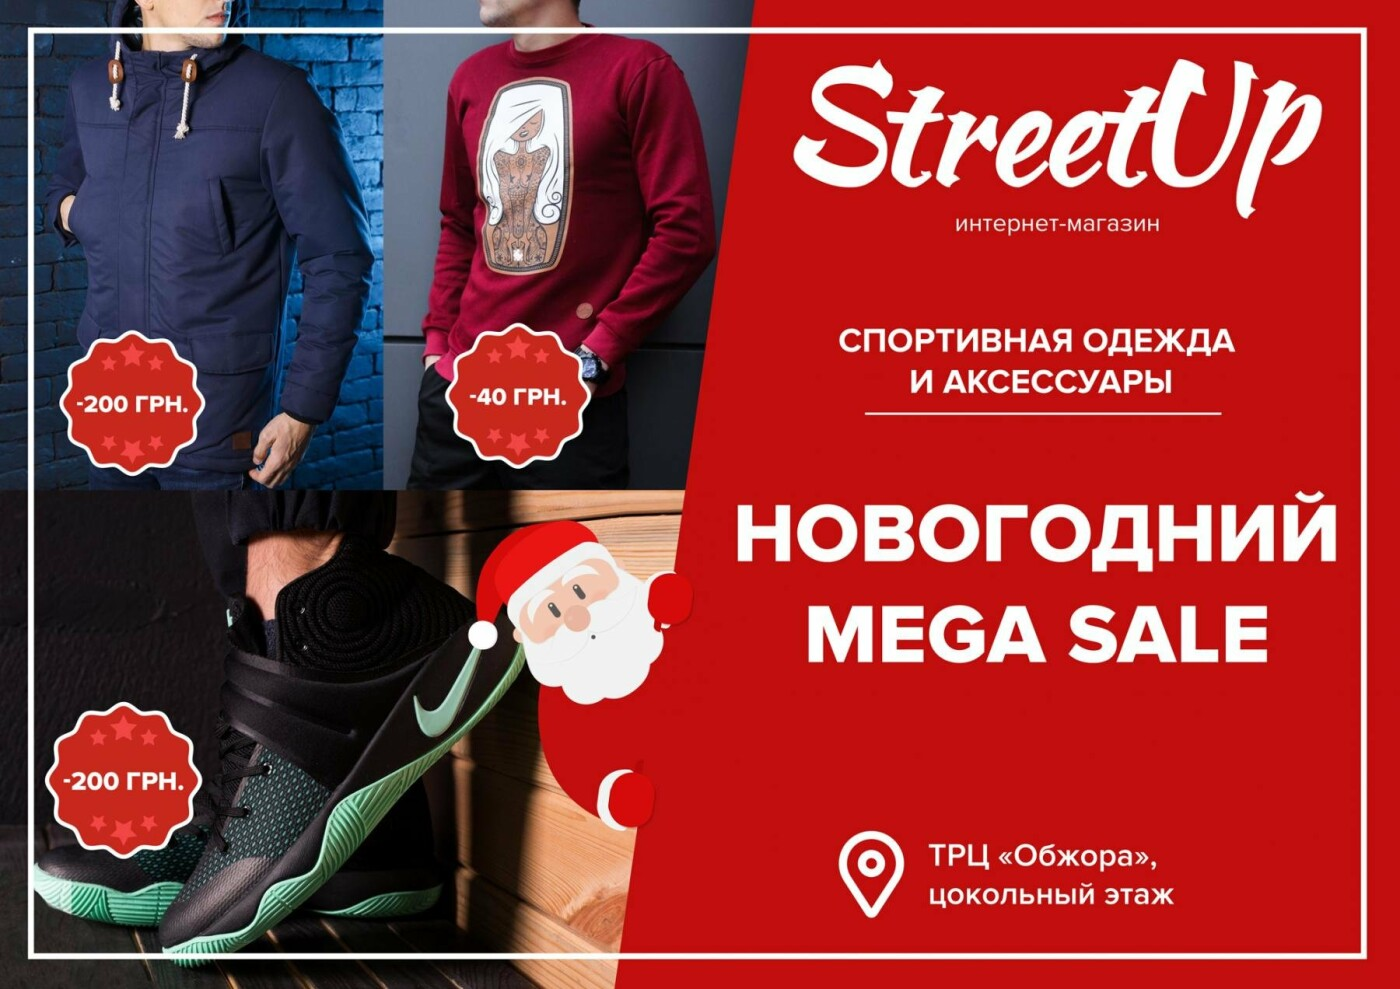 В магазине Street Up НОВОГОДНЯЯ РАСПРОДАЖА зимней коллекции! СКИДКИ на весь ассортимент, фото-1